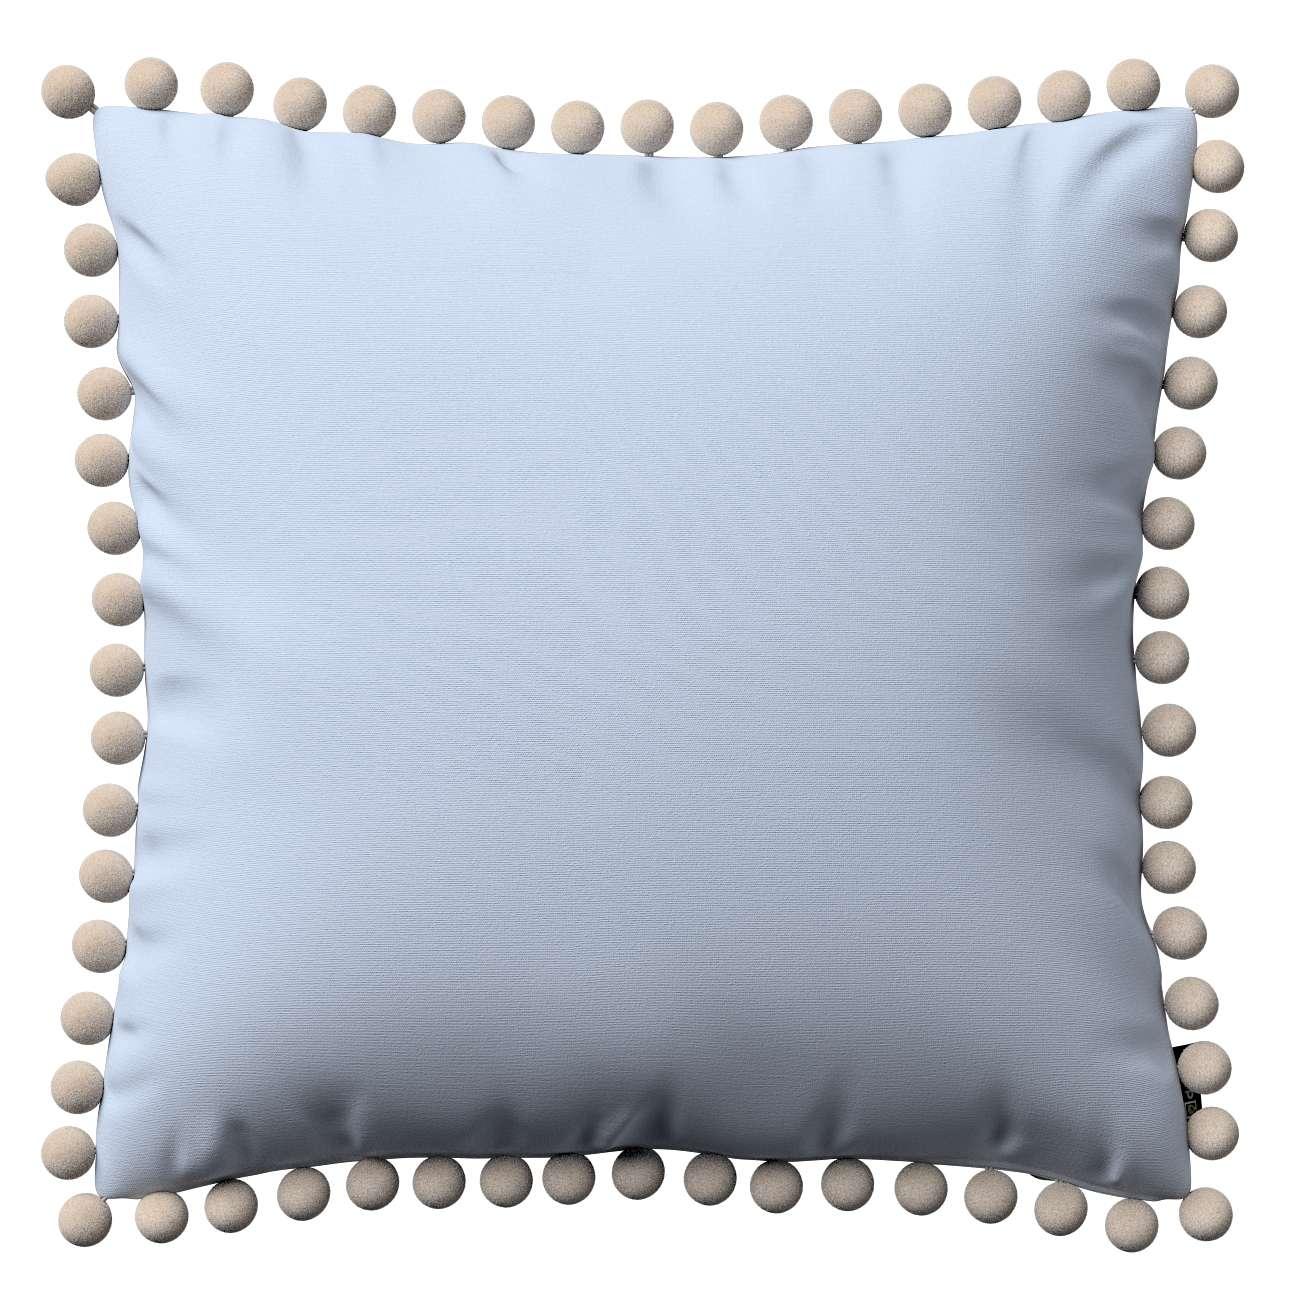 Wera dekoratyvinės pagalvėlės su žaismingais kraštais 45 x 45 cm kolekcijoje Loneta , audinys: 133-35